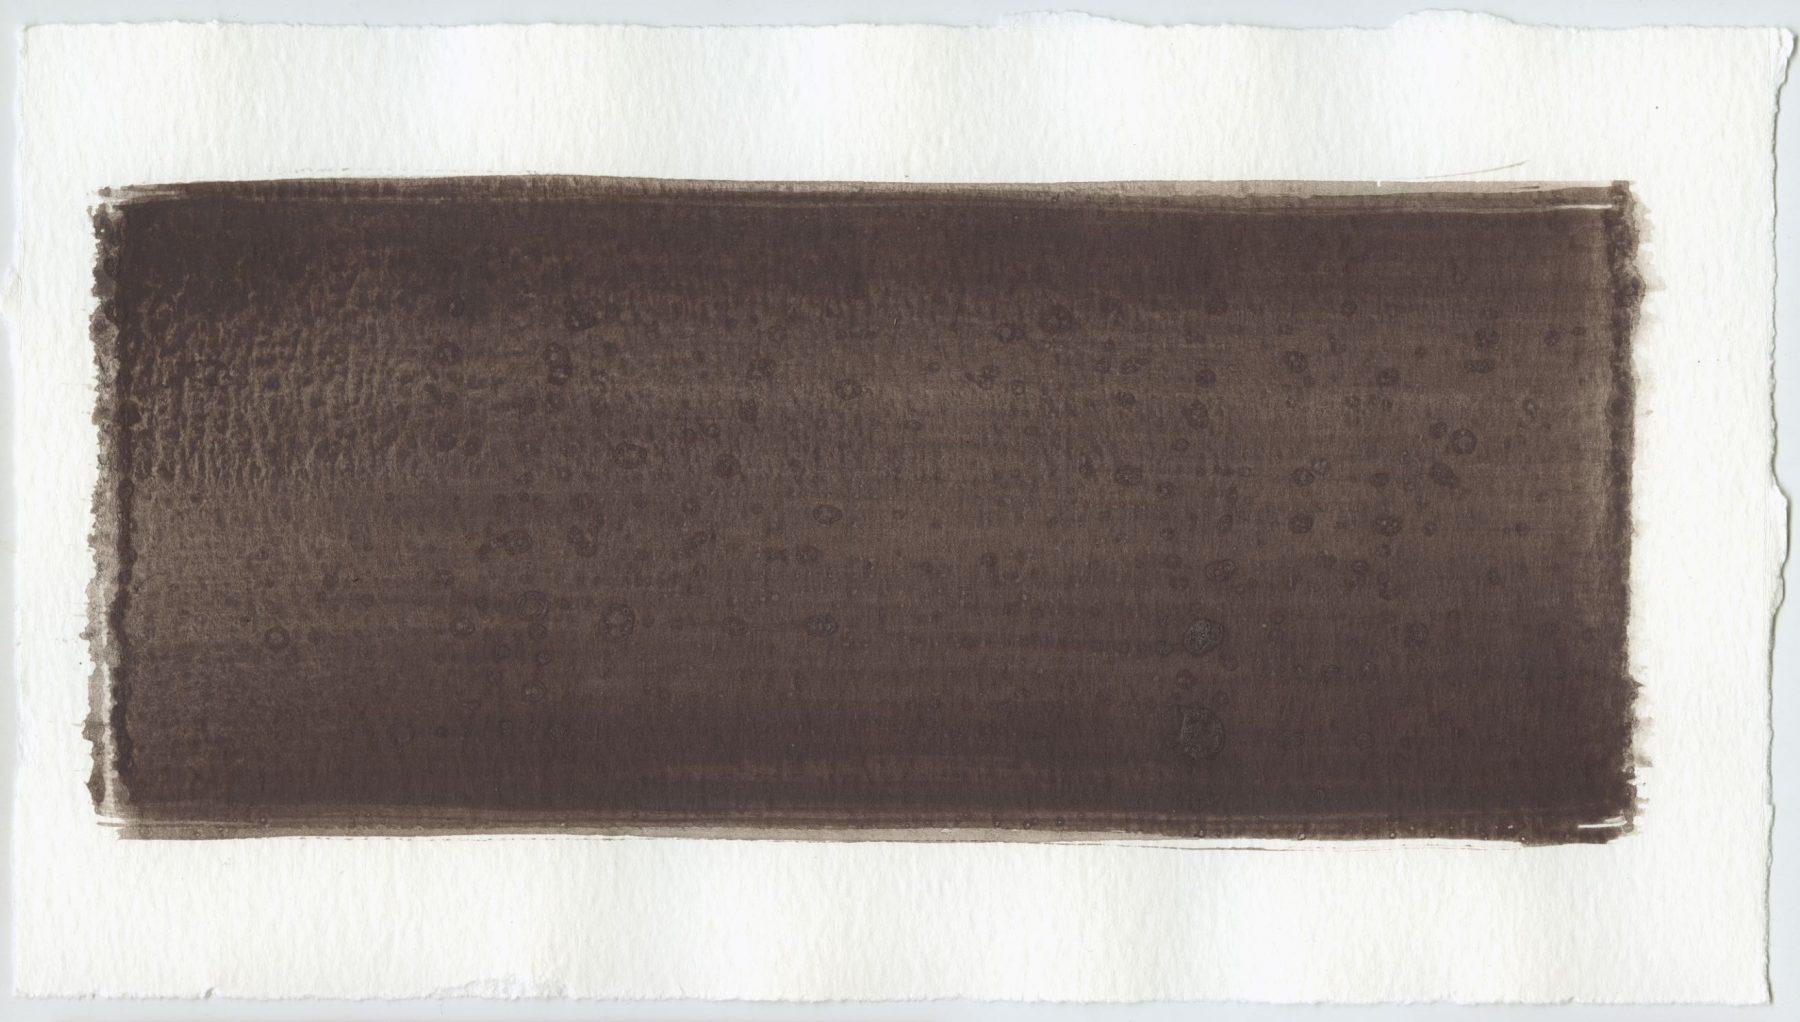 Brush stroke no. 16 - Selfmade pigment: Mortel paarsgrijs fijn